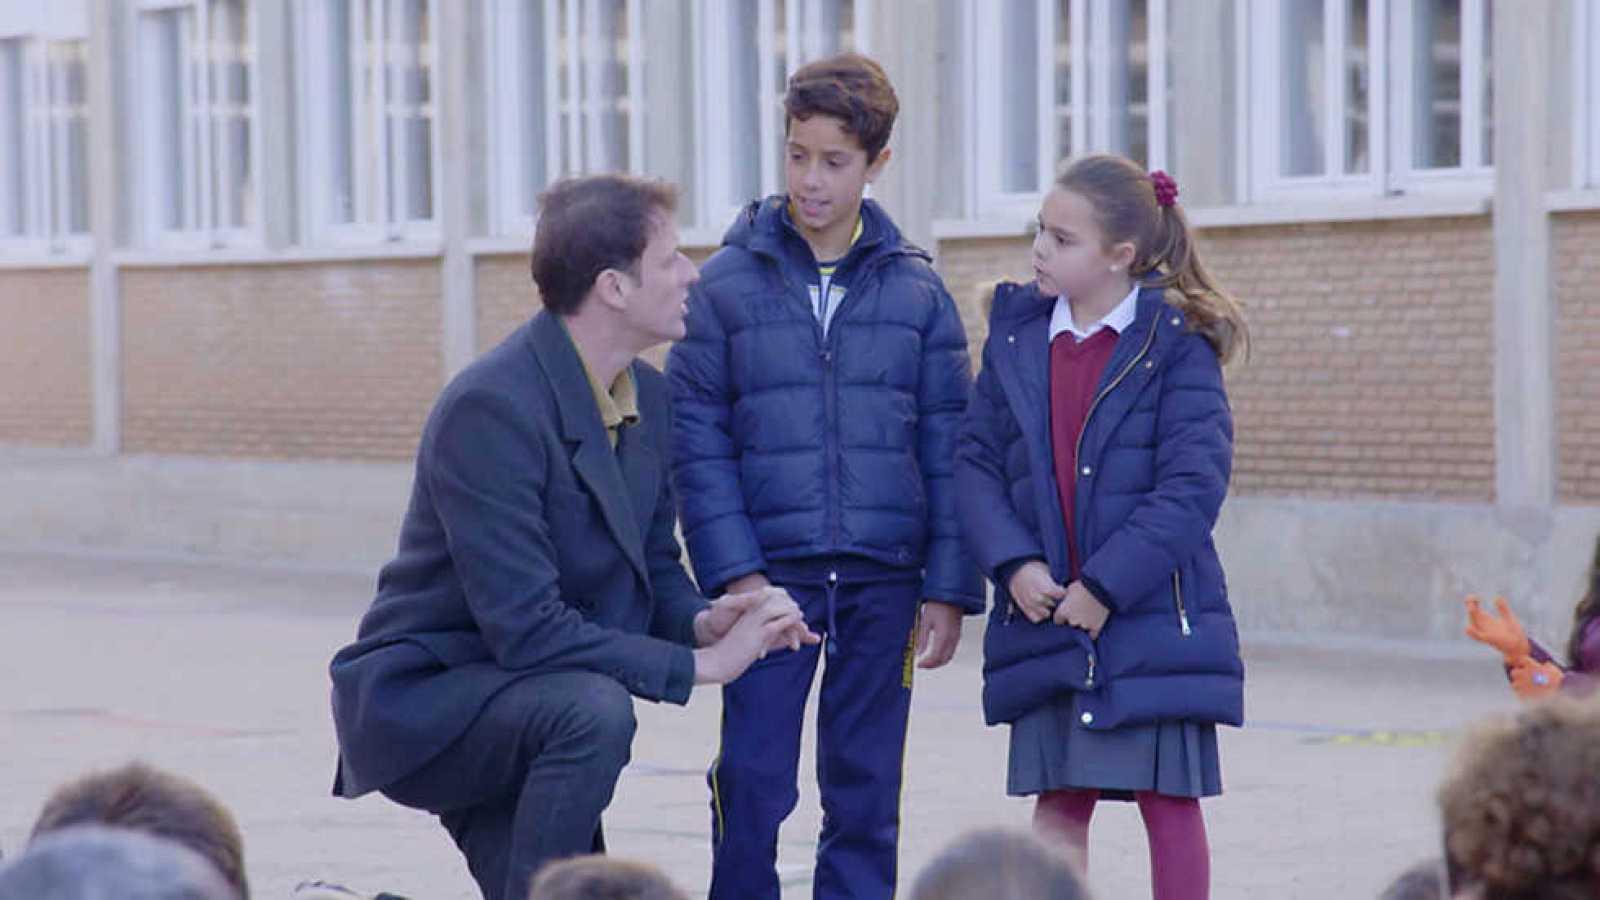 Para todos los públicos El árbol de los deseos - 01/04/17 - ver ahora  reproducir video